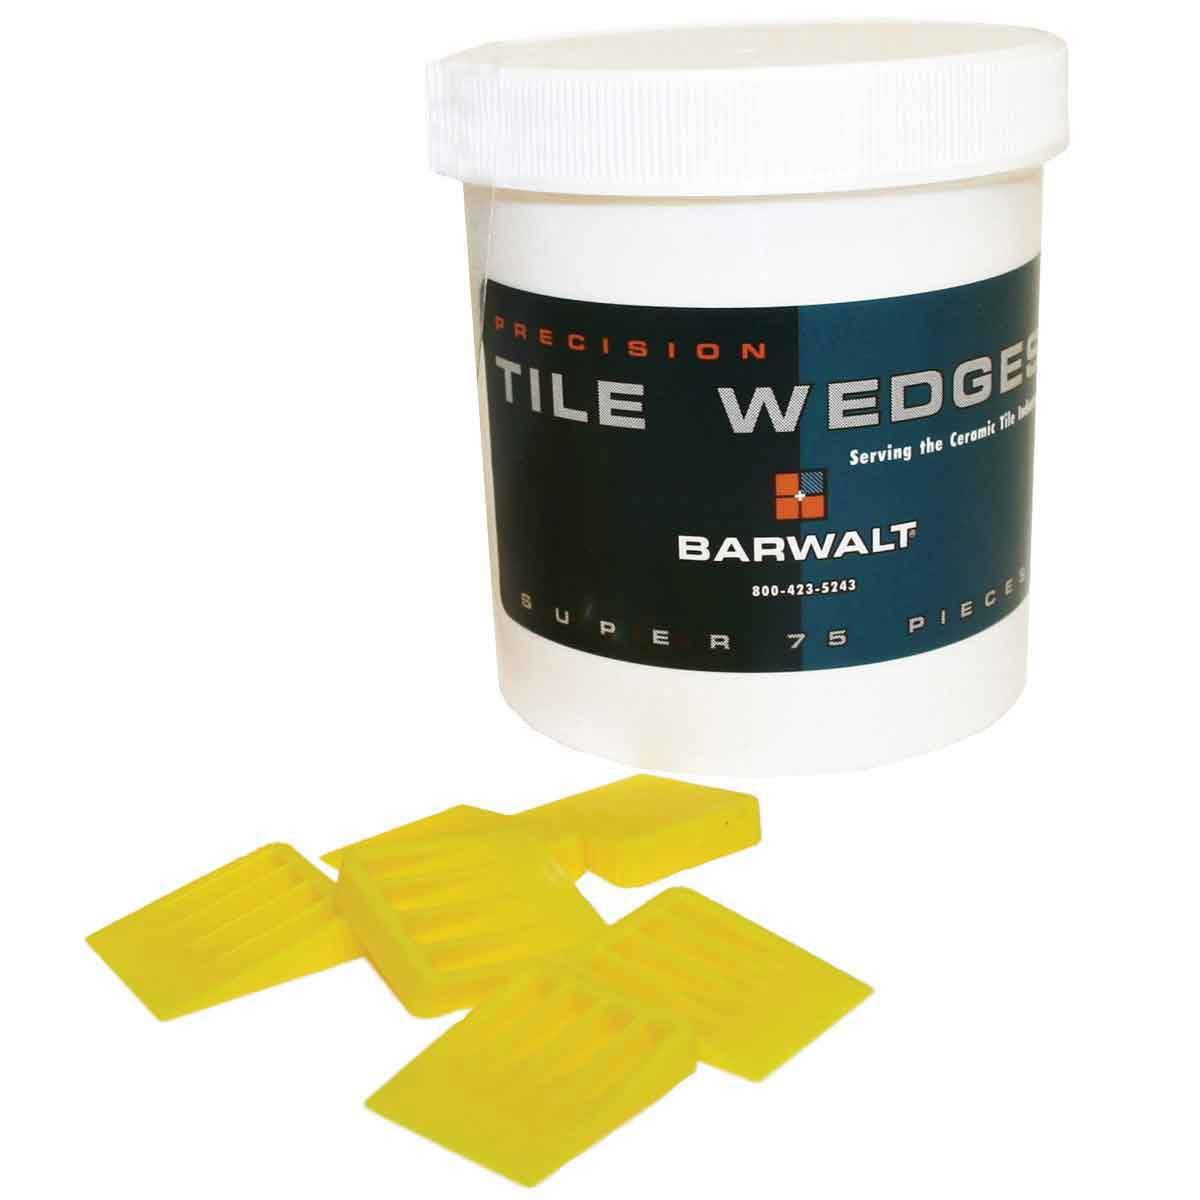 barwalt red tile wedge